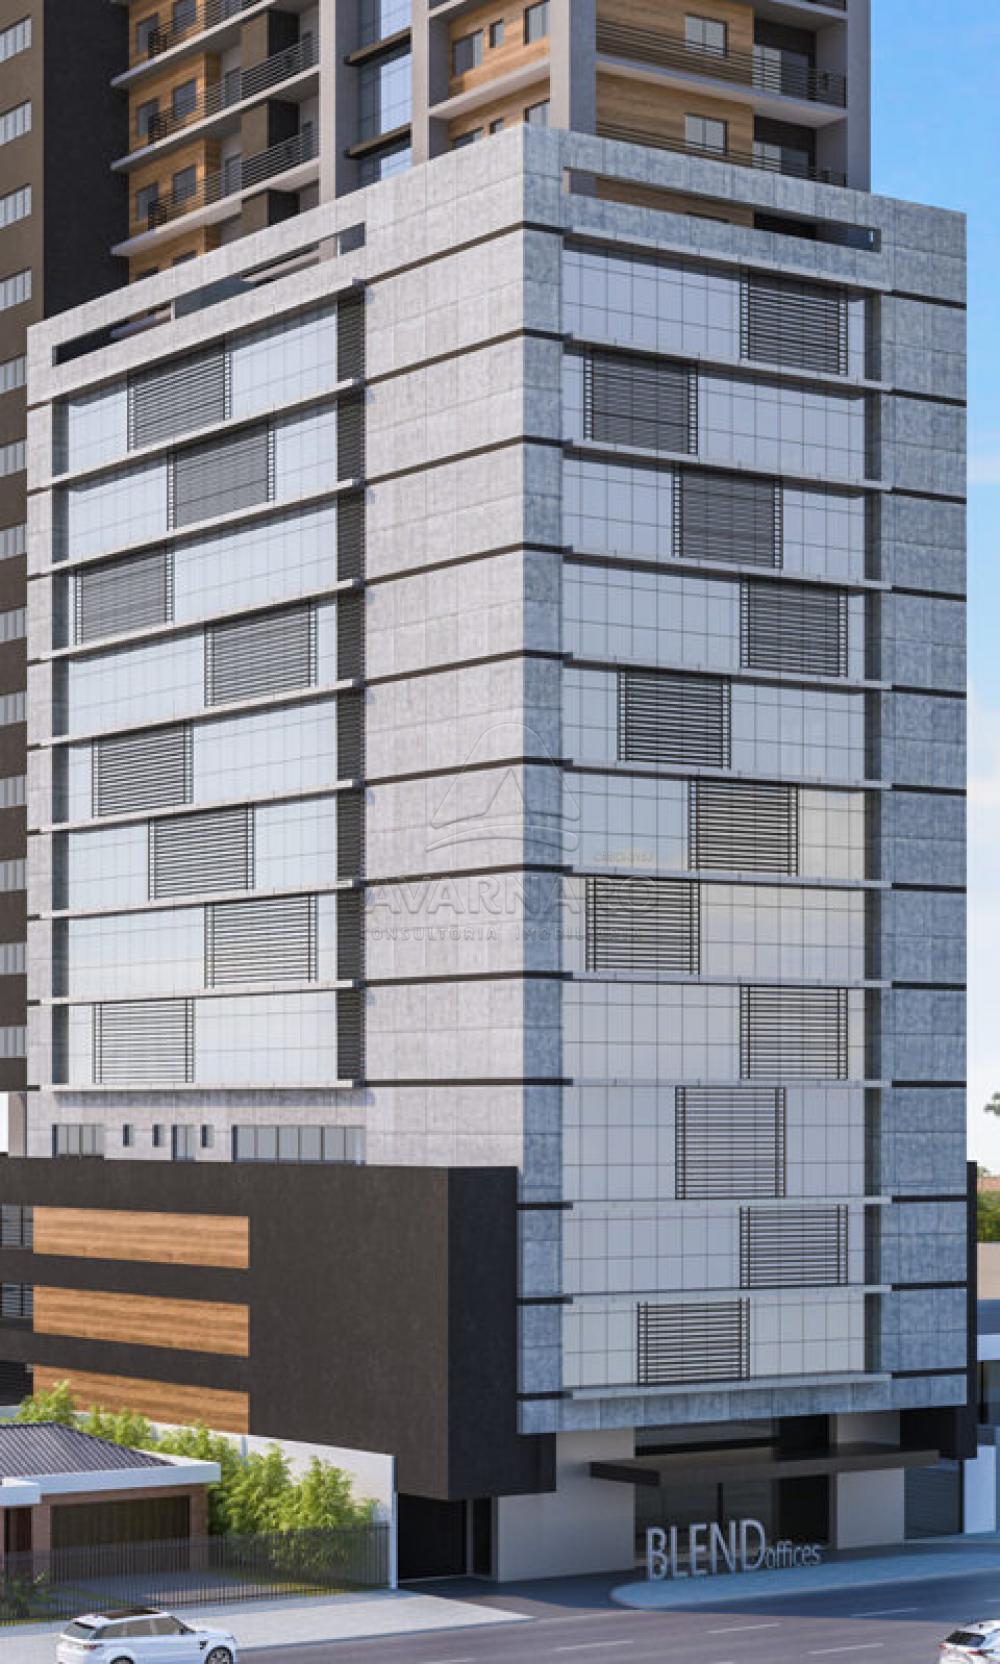 Comprar Apartamento / Padrão em Ponta Grossa apenas R$ 301.394,39 - Foto 5